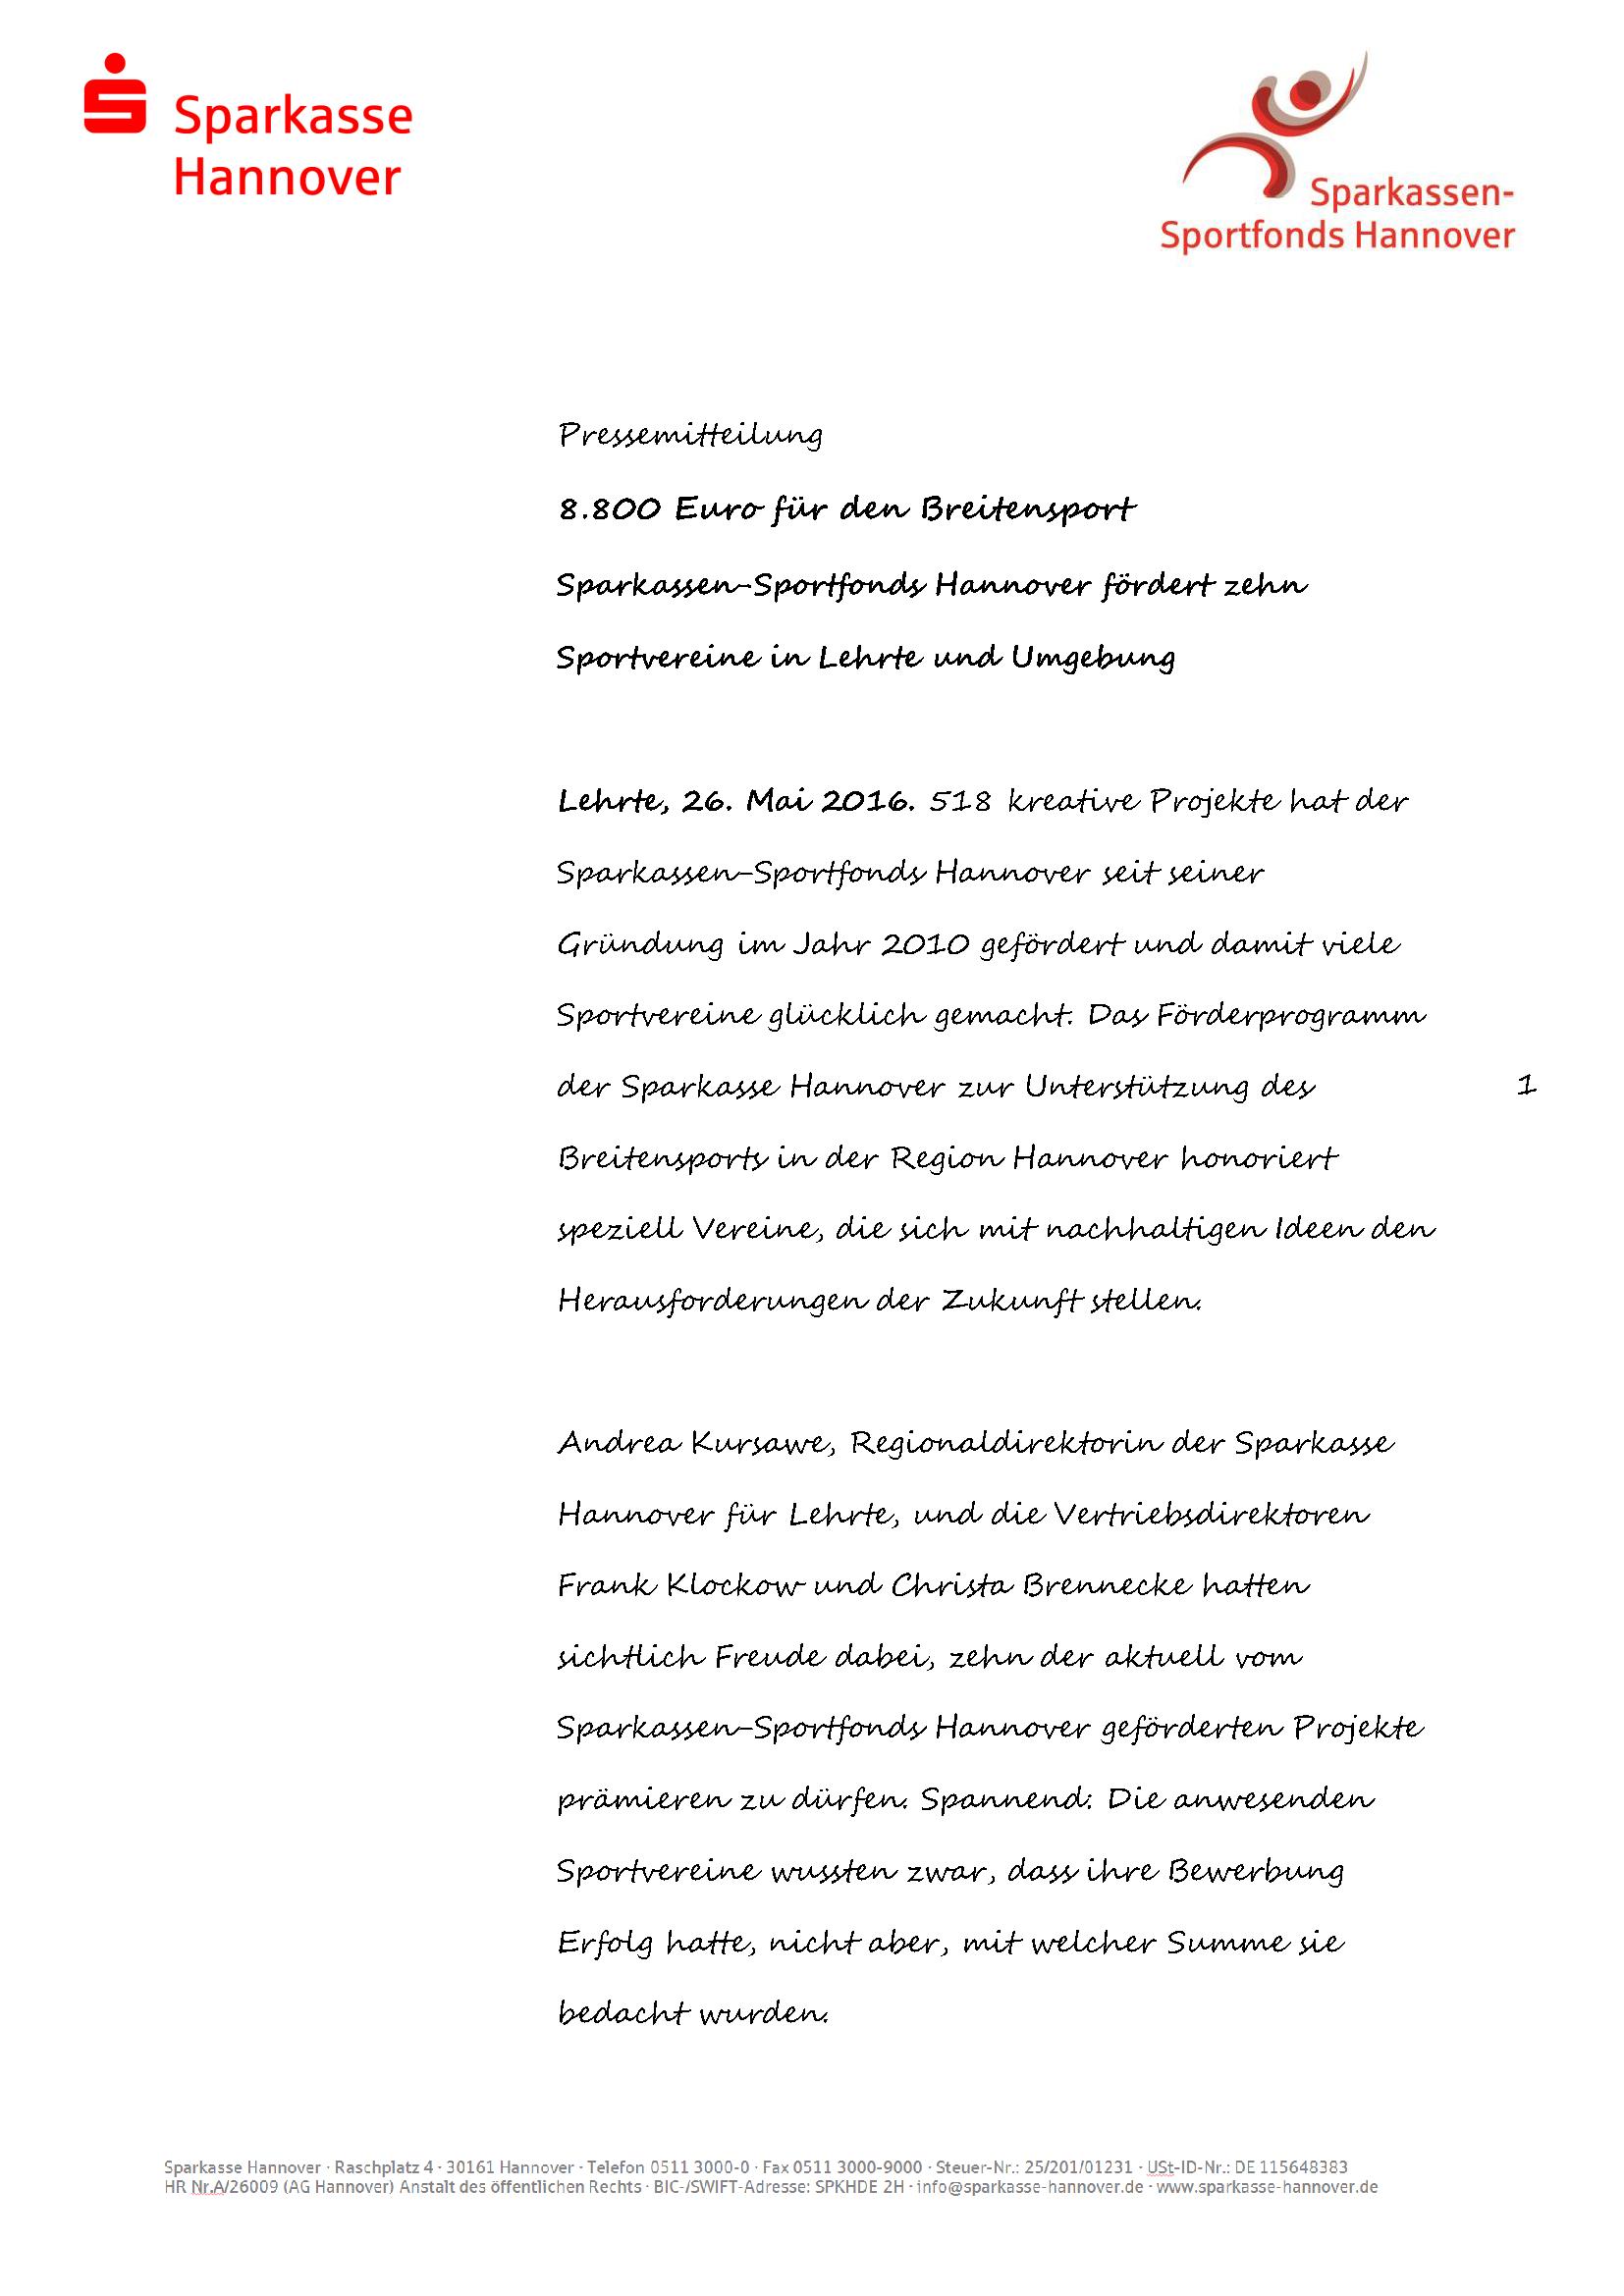 Pressemitteilung Sparkassensportfonds 26.05.2016_Seite_1